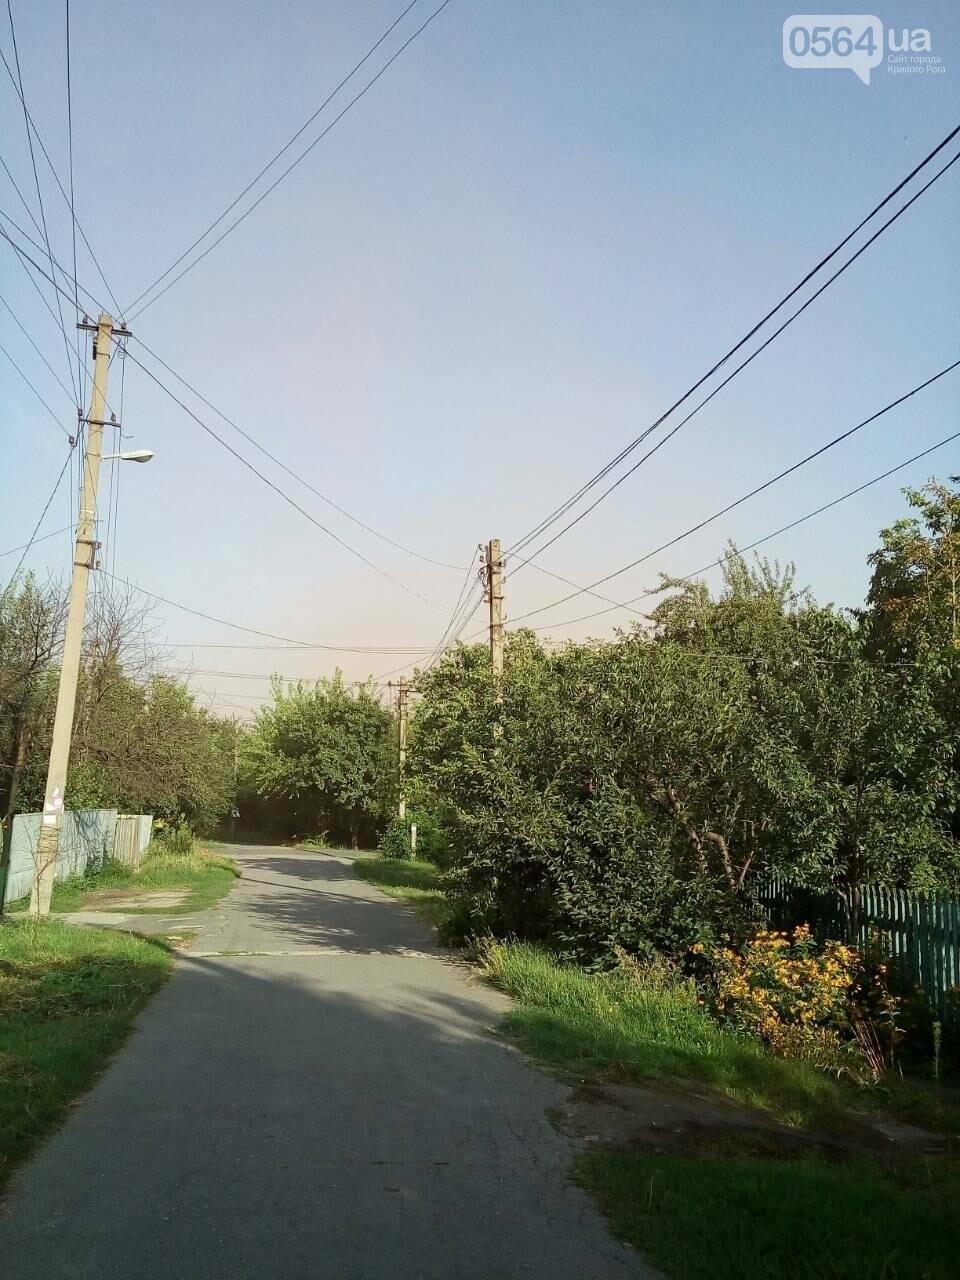 В Кривом Роге: люди жаловались на выбросы, троллейбус уехал на рекорд, Вячеслав Волк начал дышать самостоятельно, фото-2